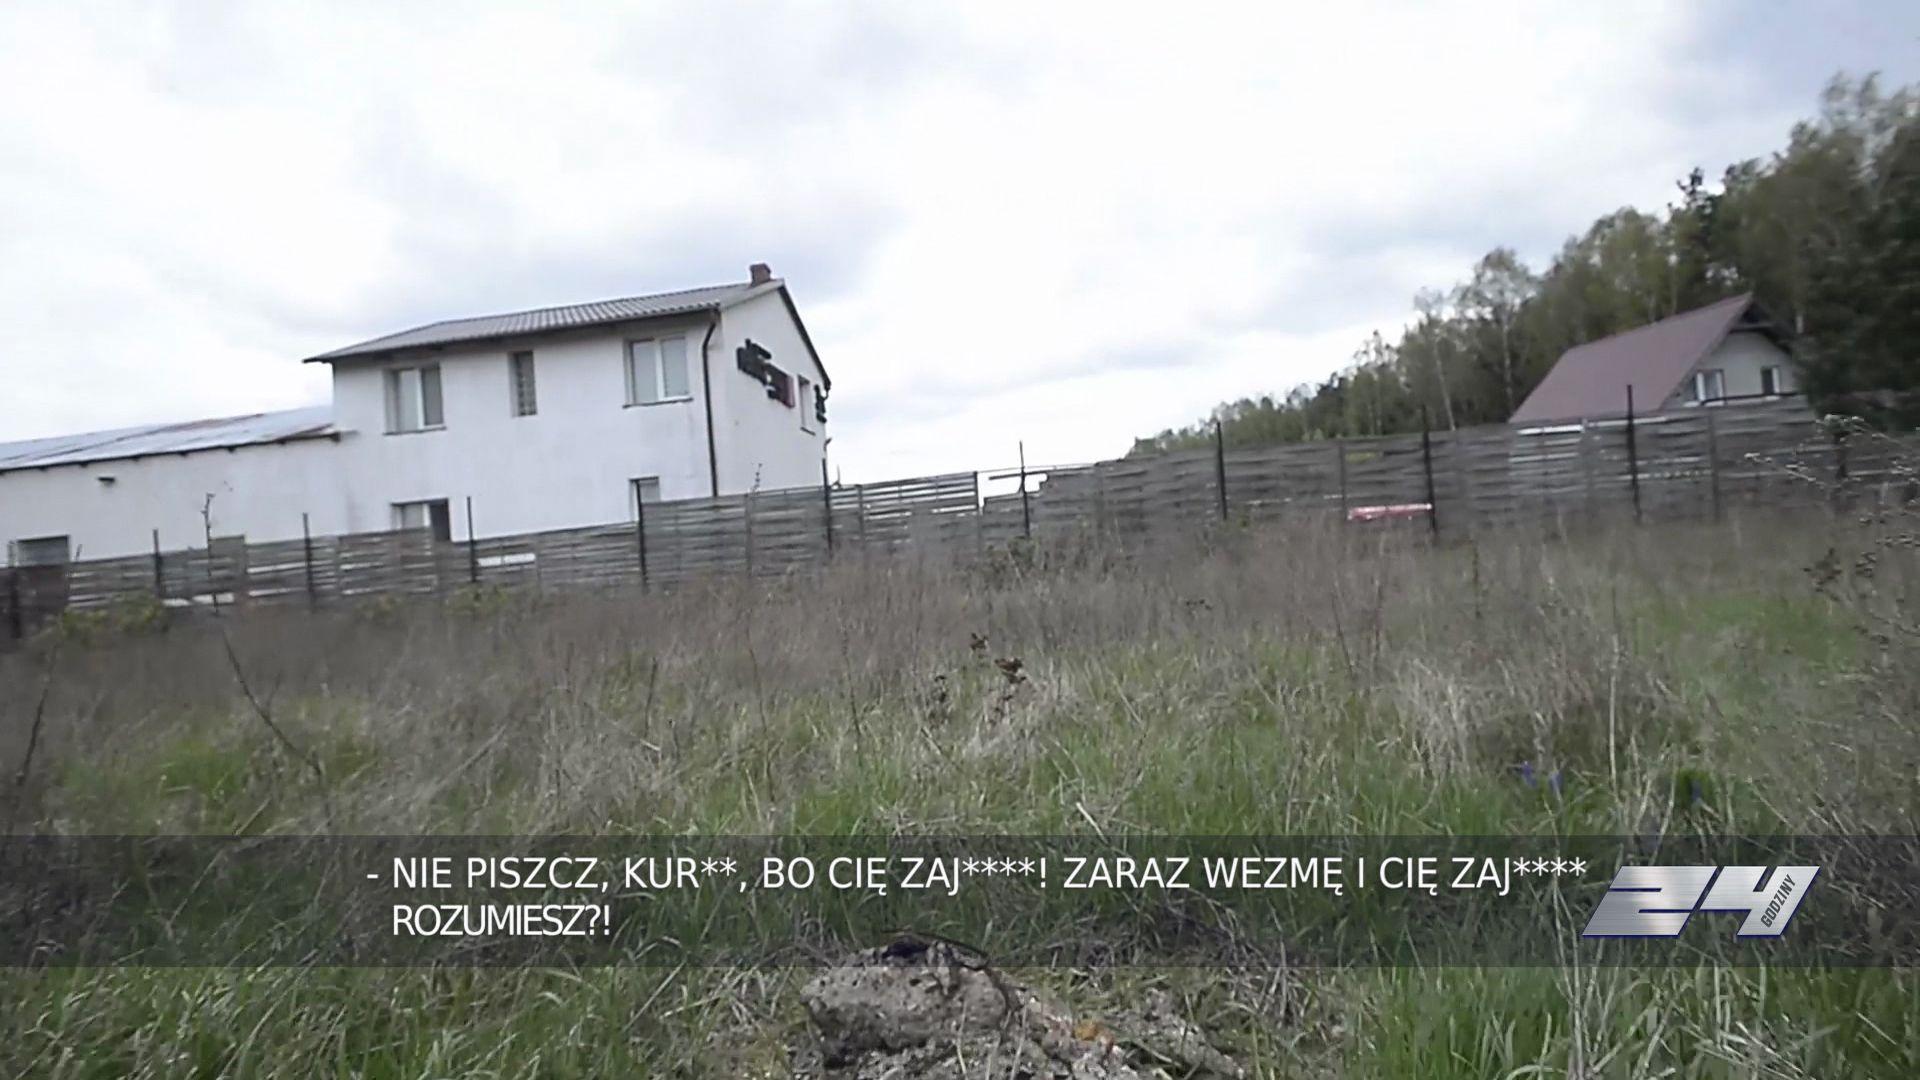 Postępowanie ws. radnego z Bydgoszczy pod nadzorem PK